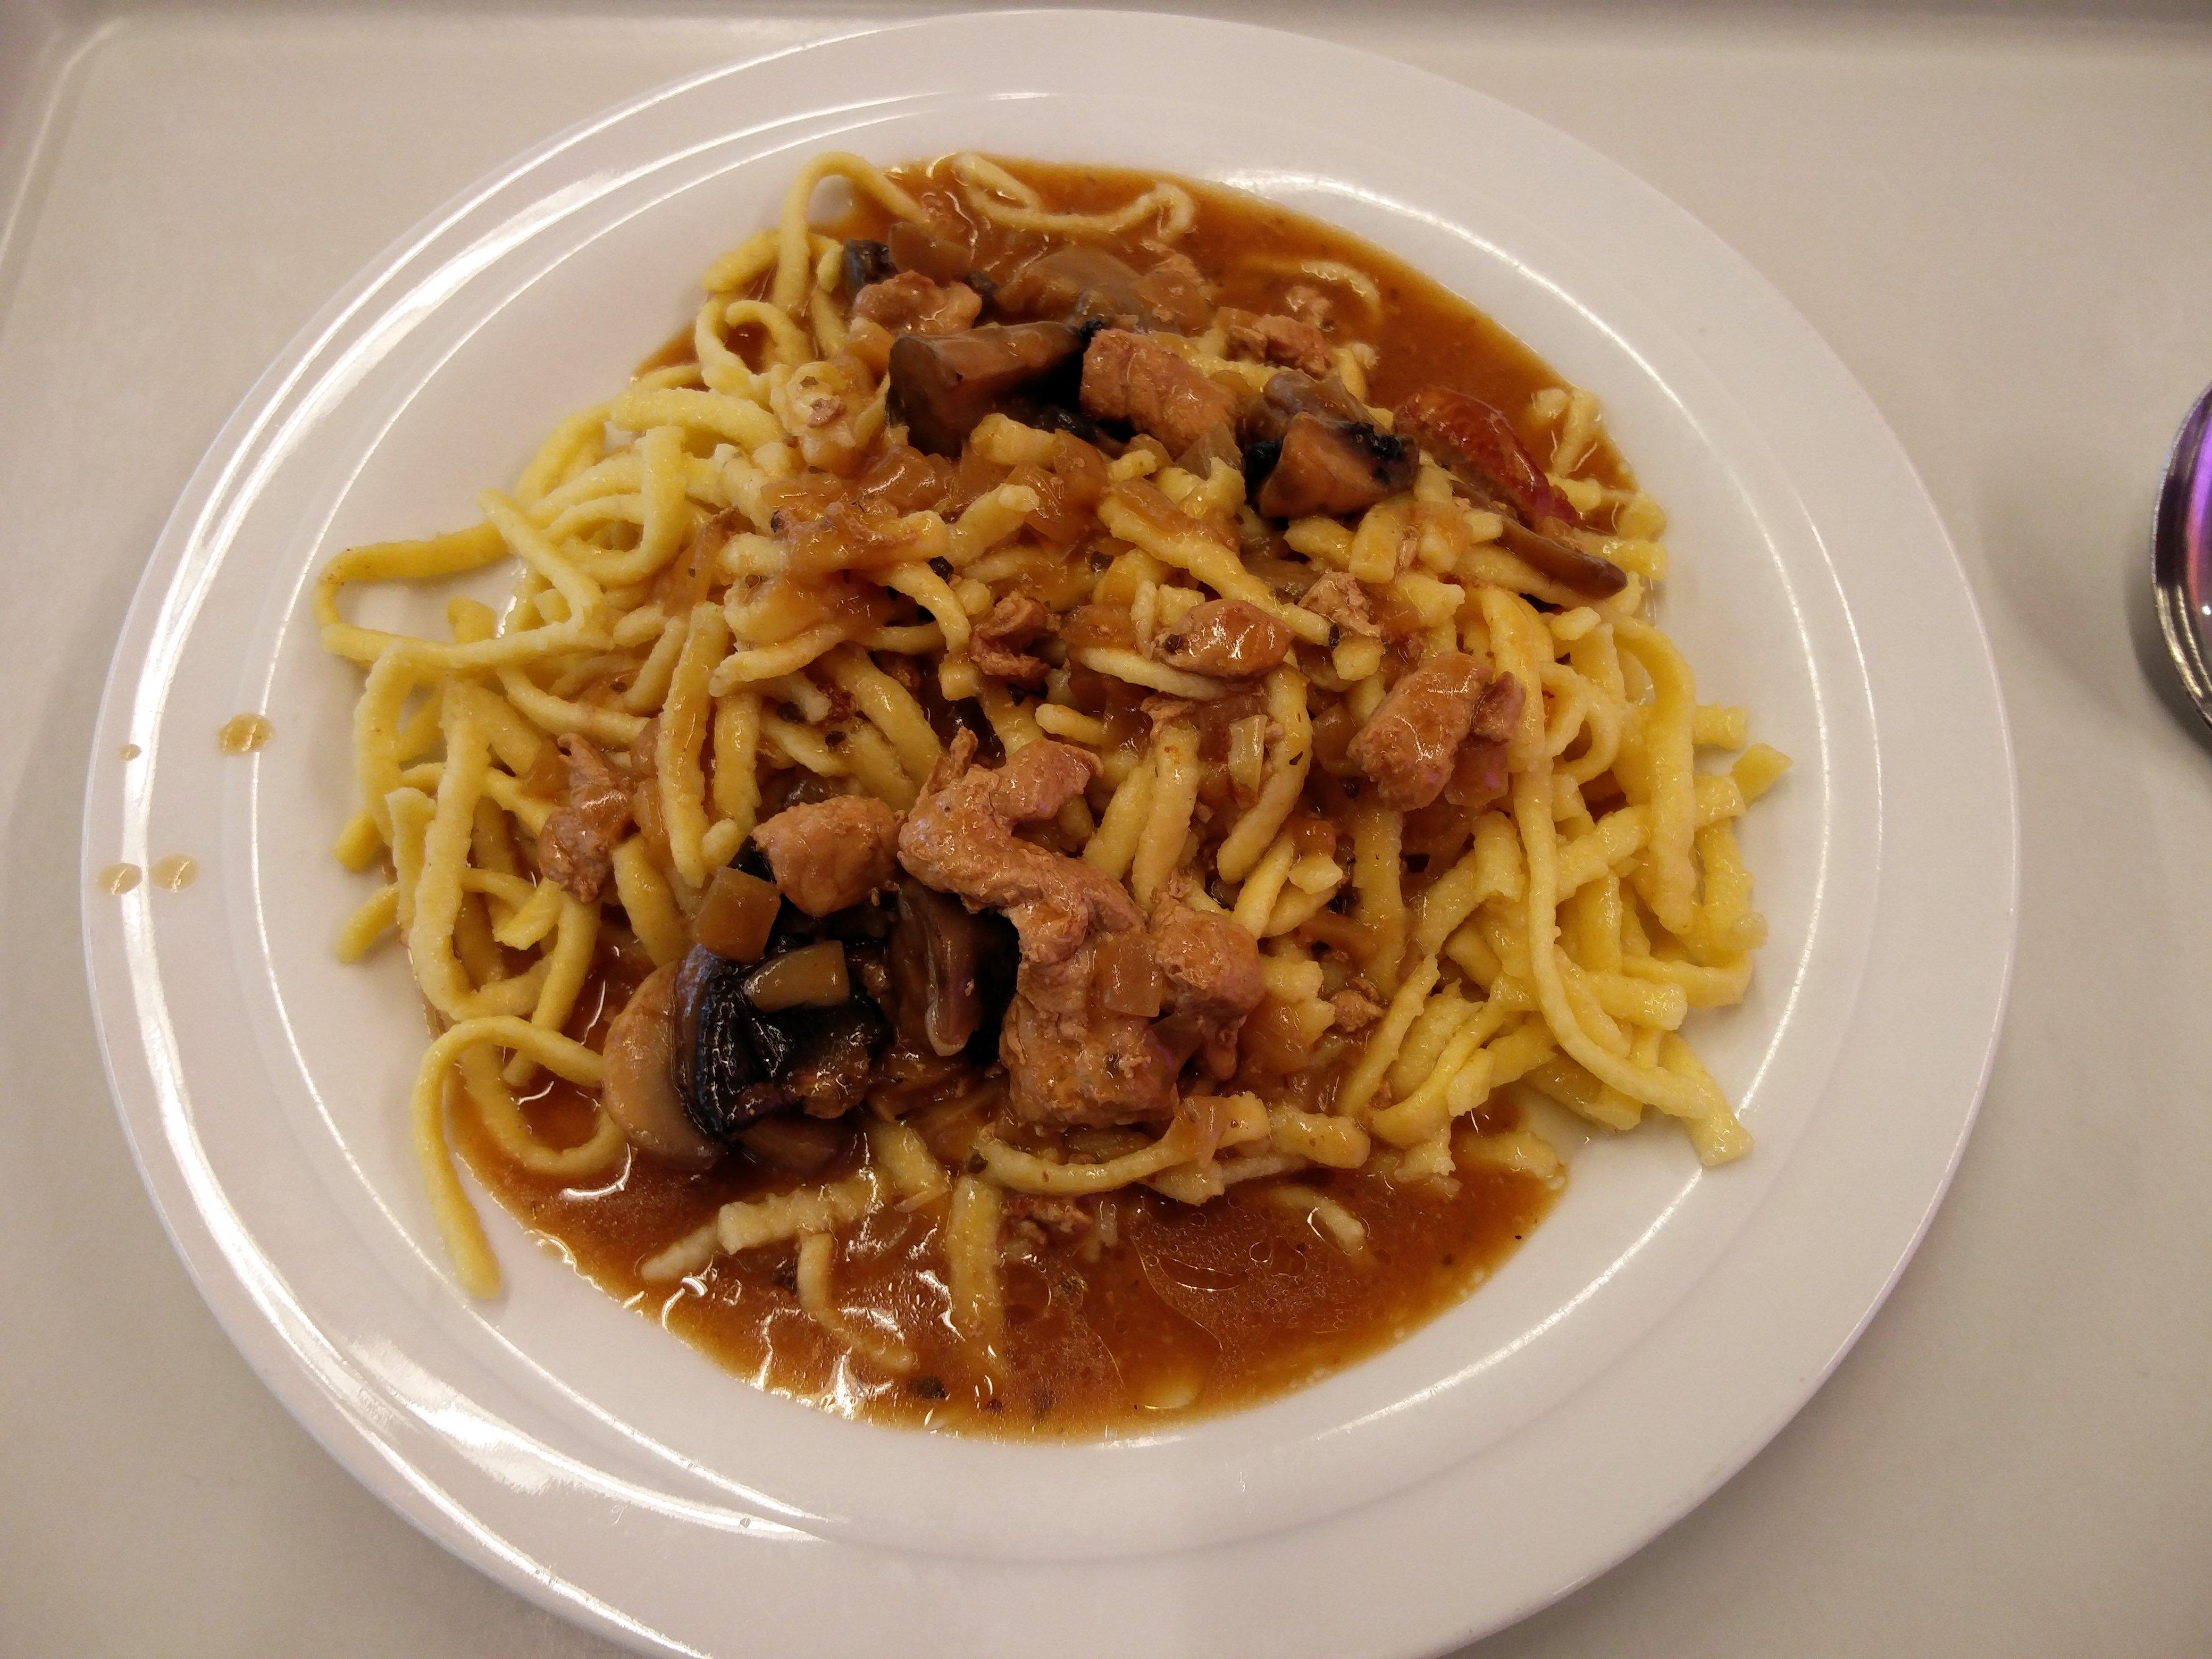 https://foodloader.net/nico_2016-07-01_spaetzle-mit-fleisch-und-sauce.jpg